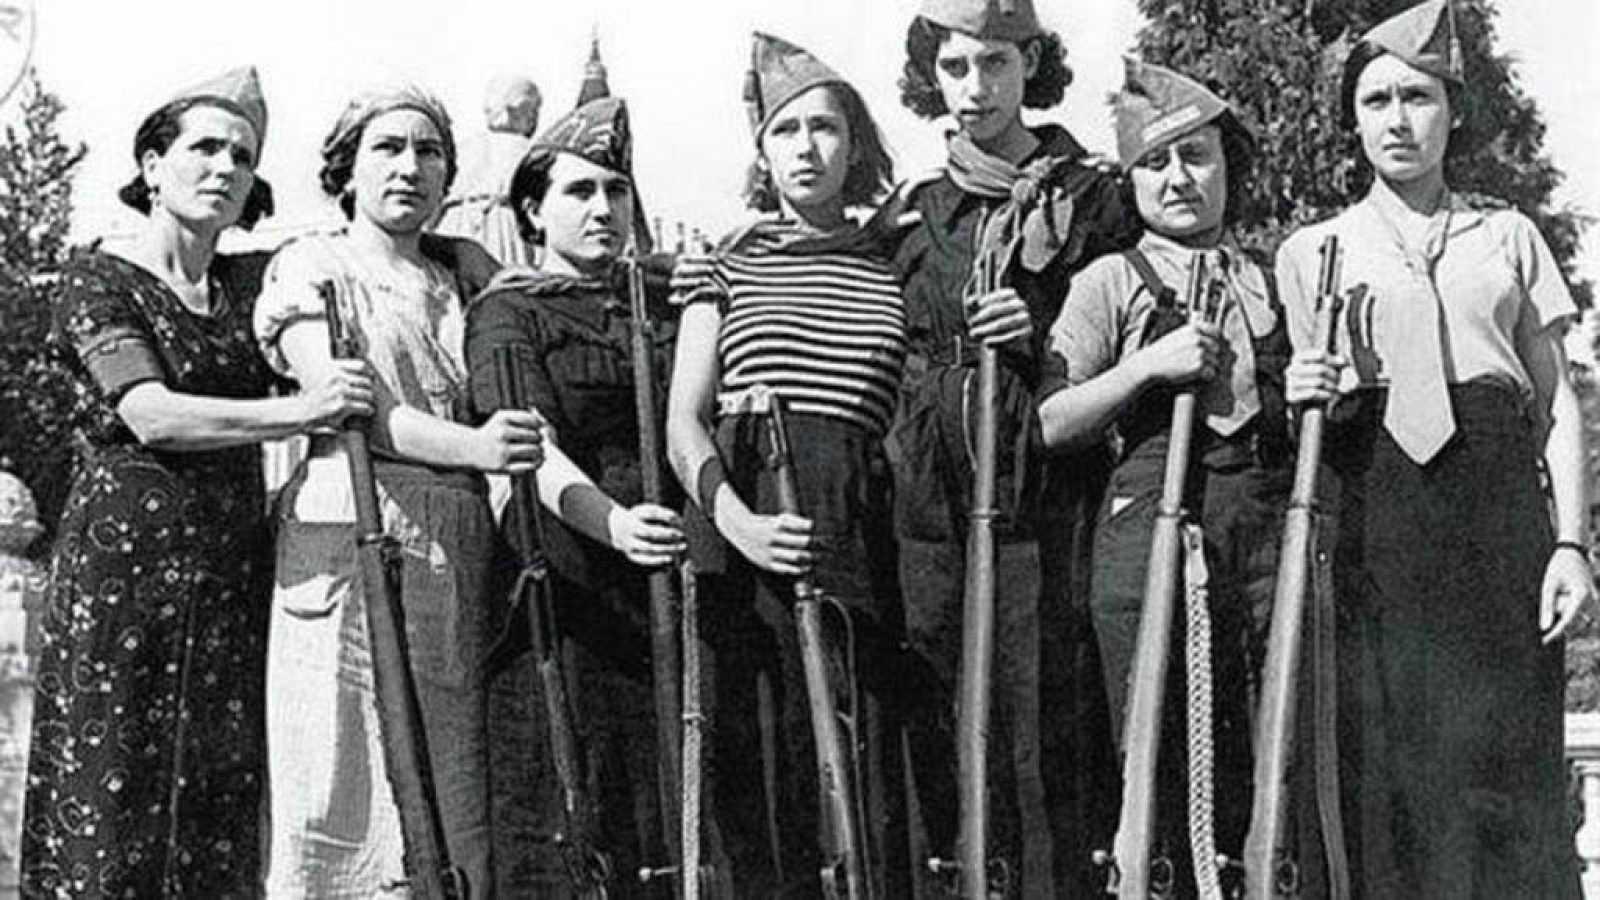 Documentos RNE - Milicianas: mujeres republicanas en las trincheras de la Guerra Civil Española - 10/11/18 - escuchar ahora